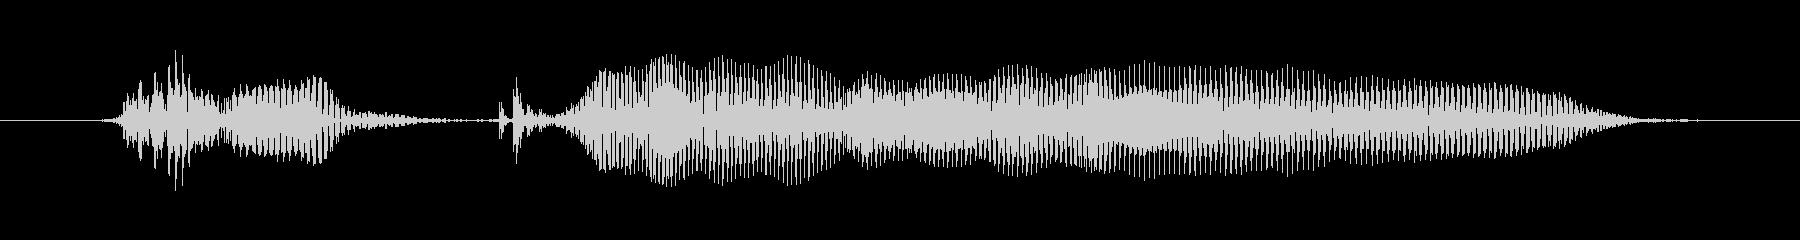 マンチキン、女性の声:わかりましたの未再生の波形